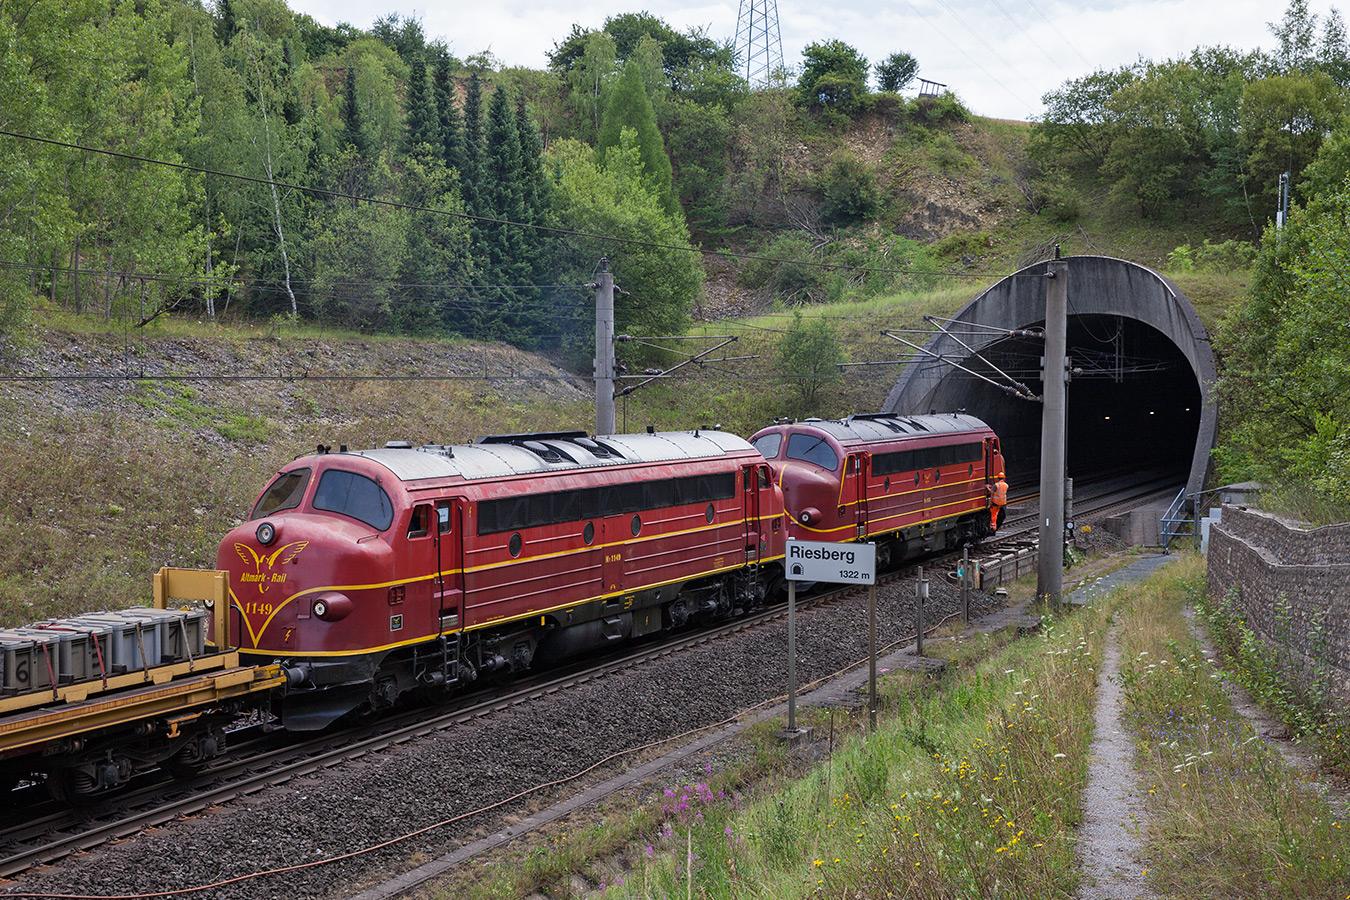 http://www.lammetalbahn.de/extra/dso/20190717-133233-IMG_1687-5D2.jpg